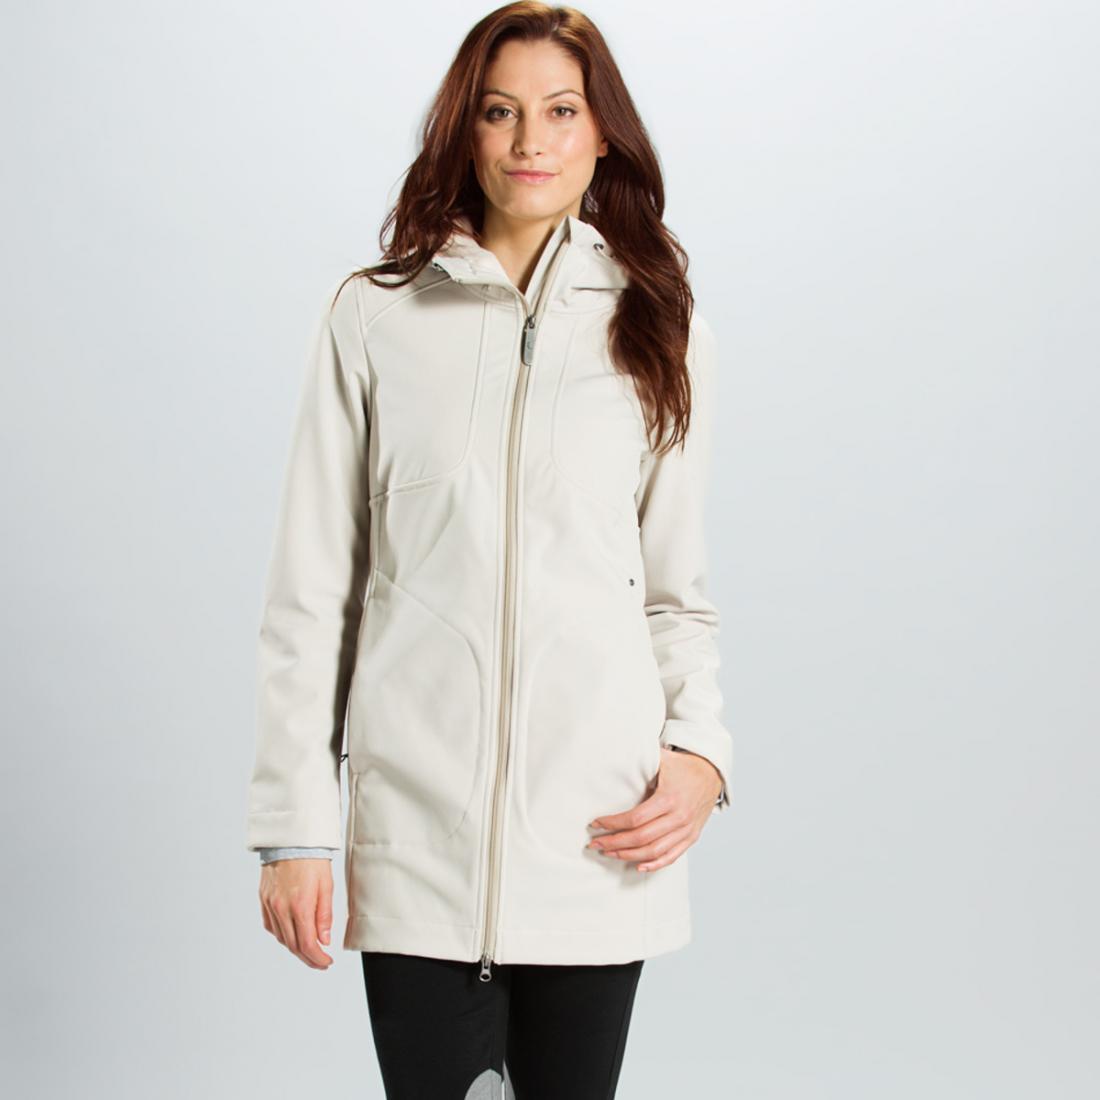 Куртка LUW0197 MUSE JACKETКуртки<br><br> Практичная вещь для межсезонья – куртка Muse отличается мягким подкладом, приятным на ощупь. Мембранная пропитка защитит от дождя и ветра, что является обязательным требованиям к вещам для осени и весны.<br><br><br><br><br>Плащ с фронталь...<br><br>Цвет: Белый<br>Размер: L